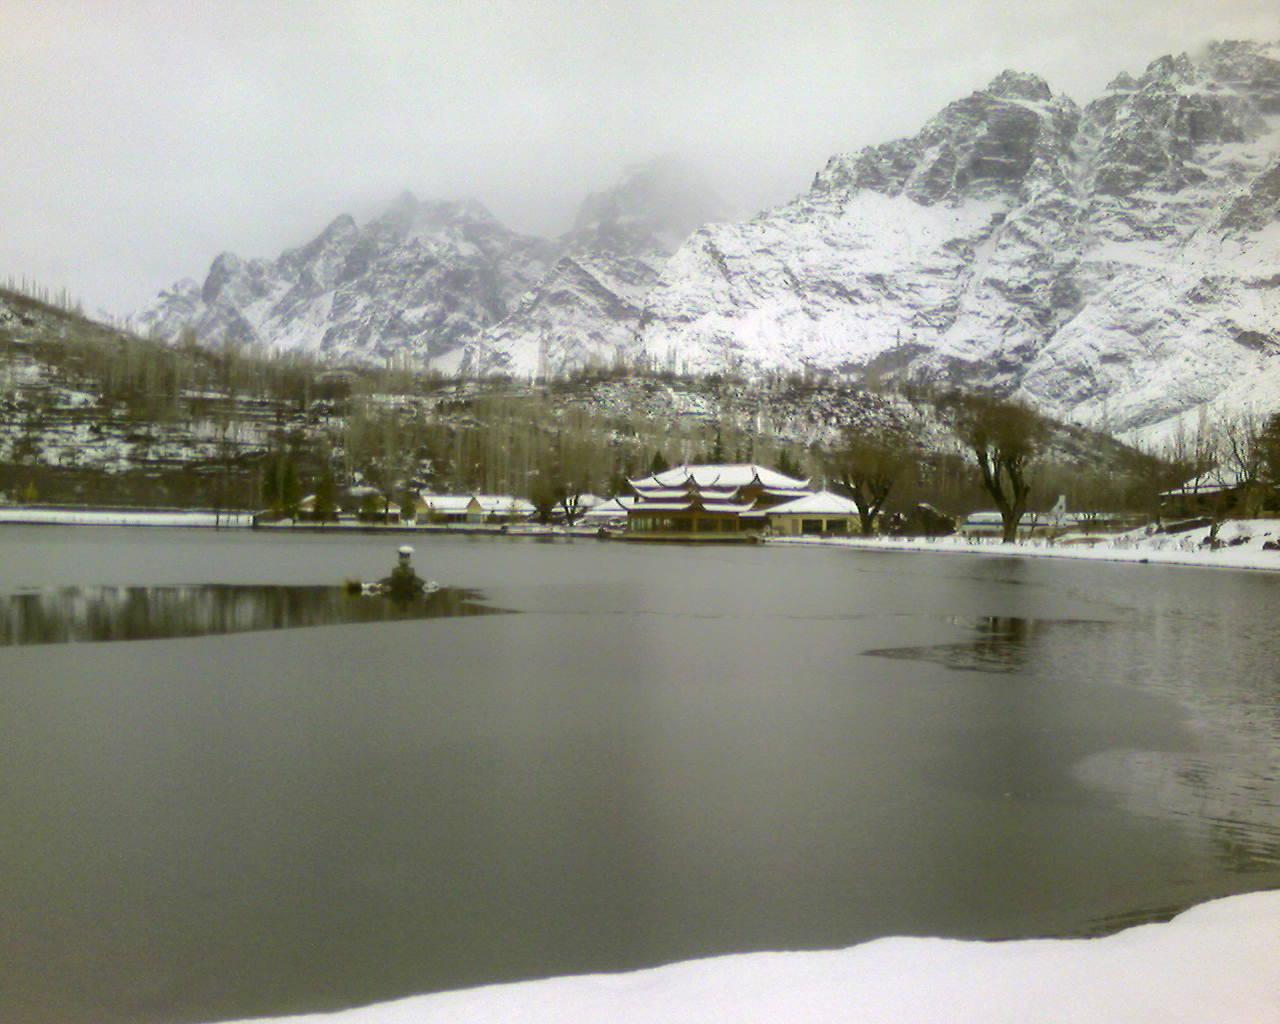 Shangrila Resort in Winters